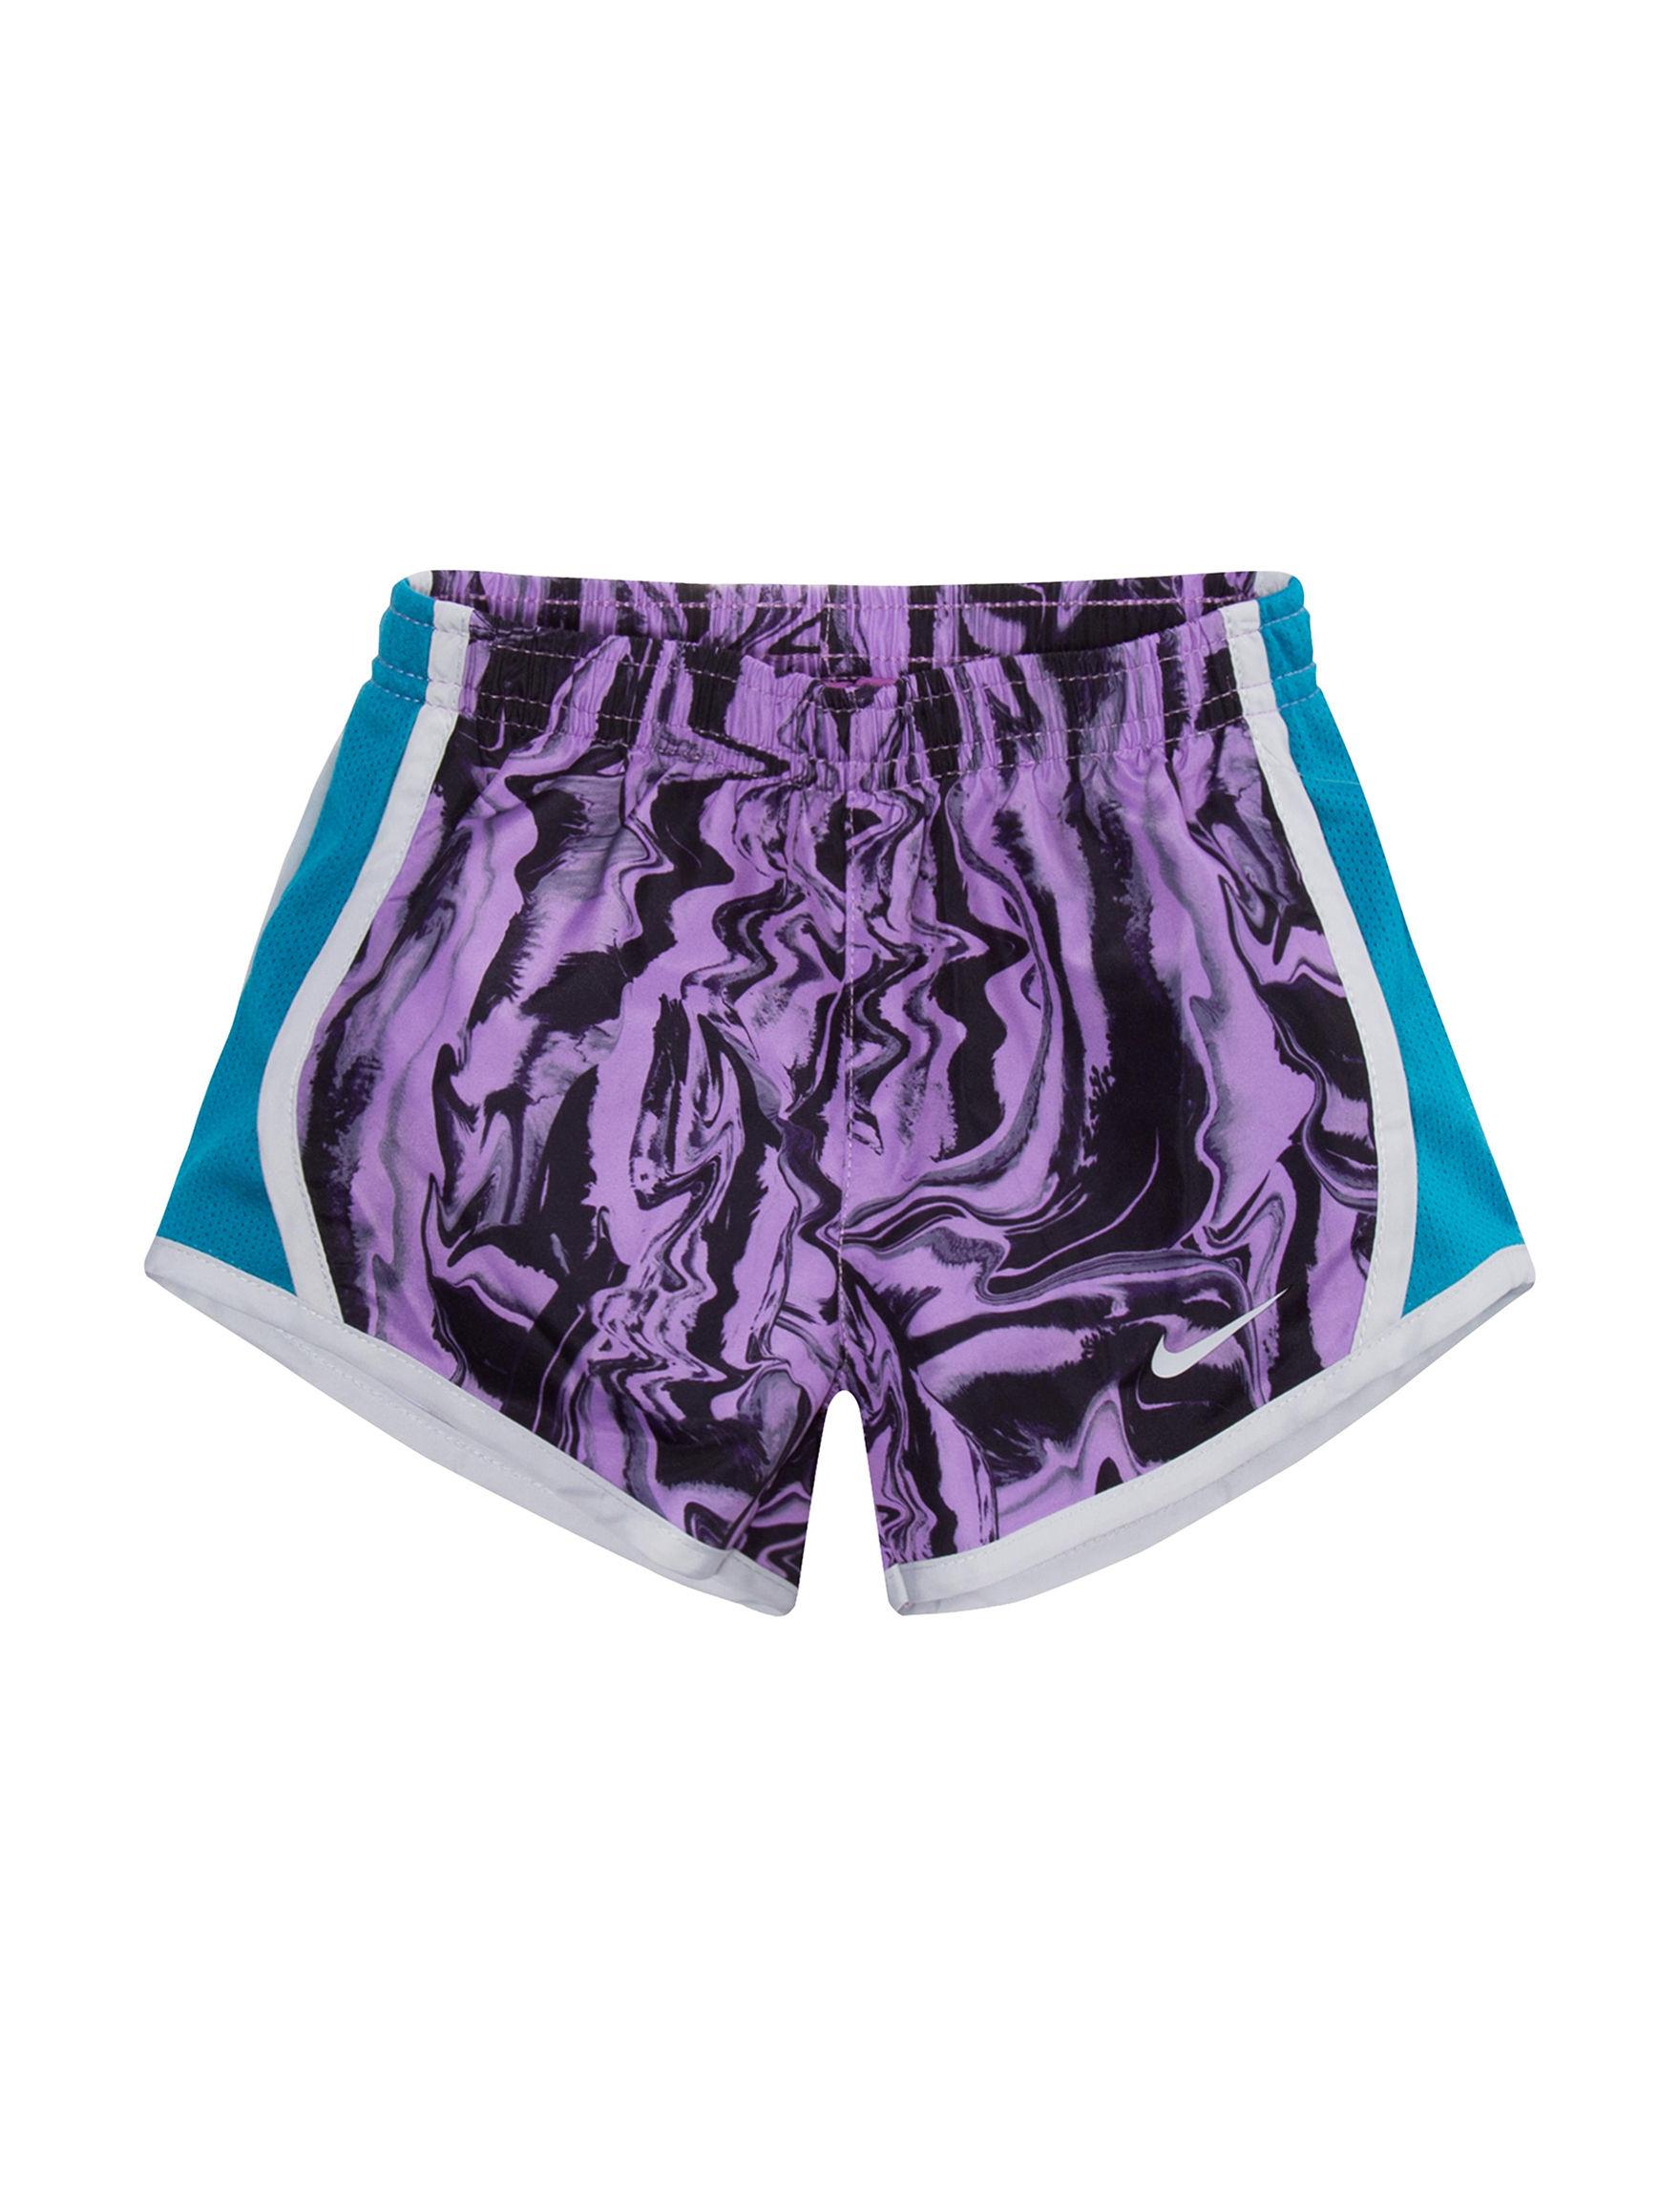 Nike Purple Multi